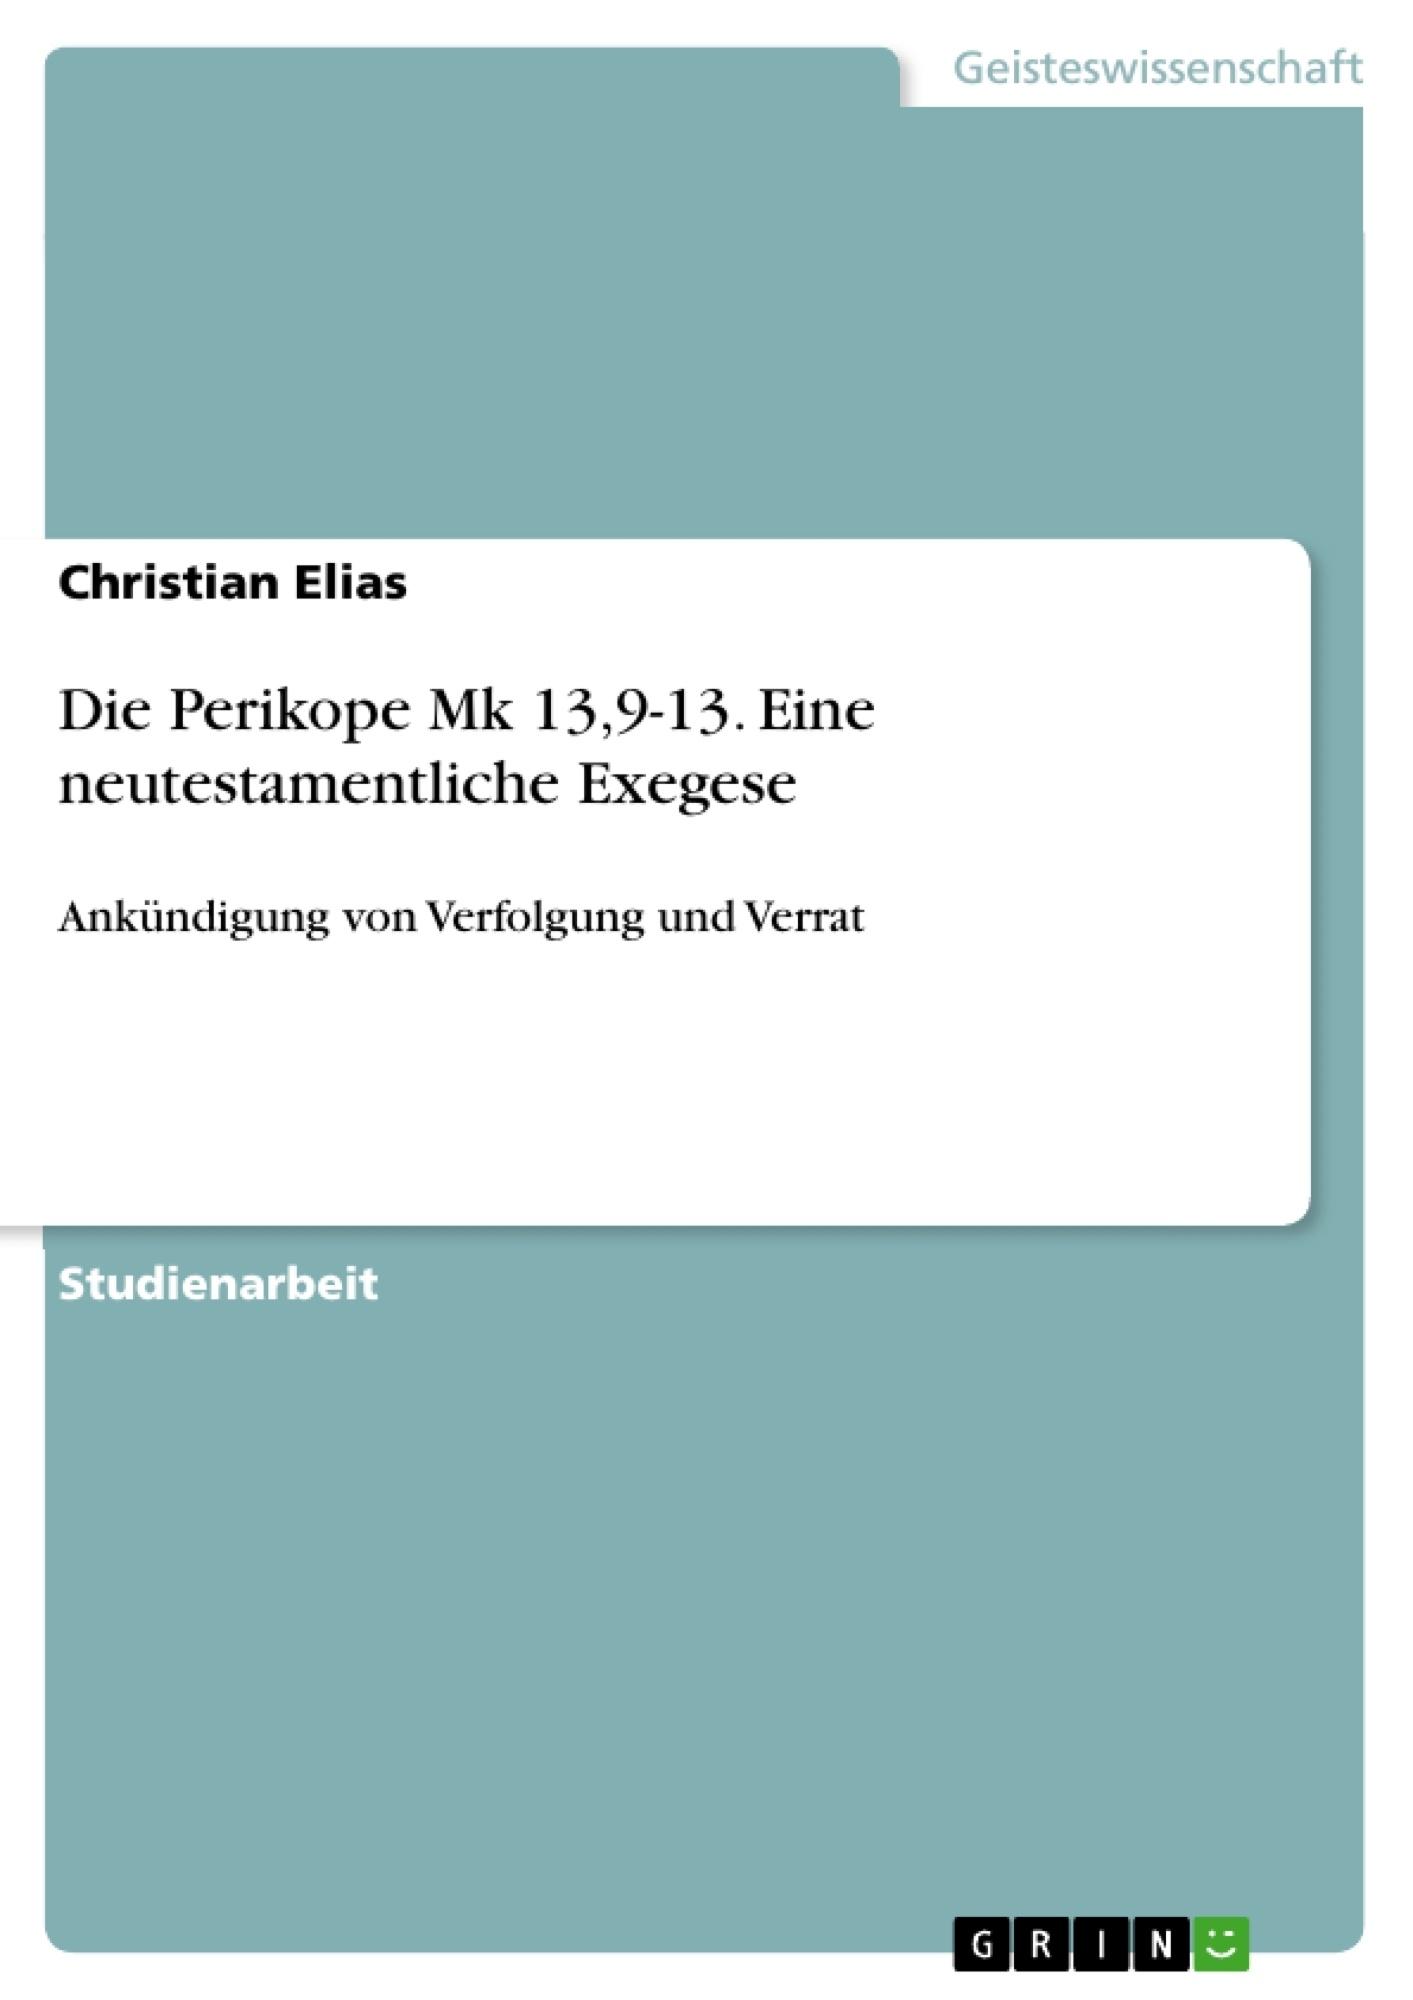 Titel: Die Perikope Mk 13,9-13. Eine neutestamentliche Exegese